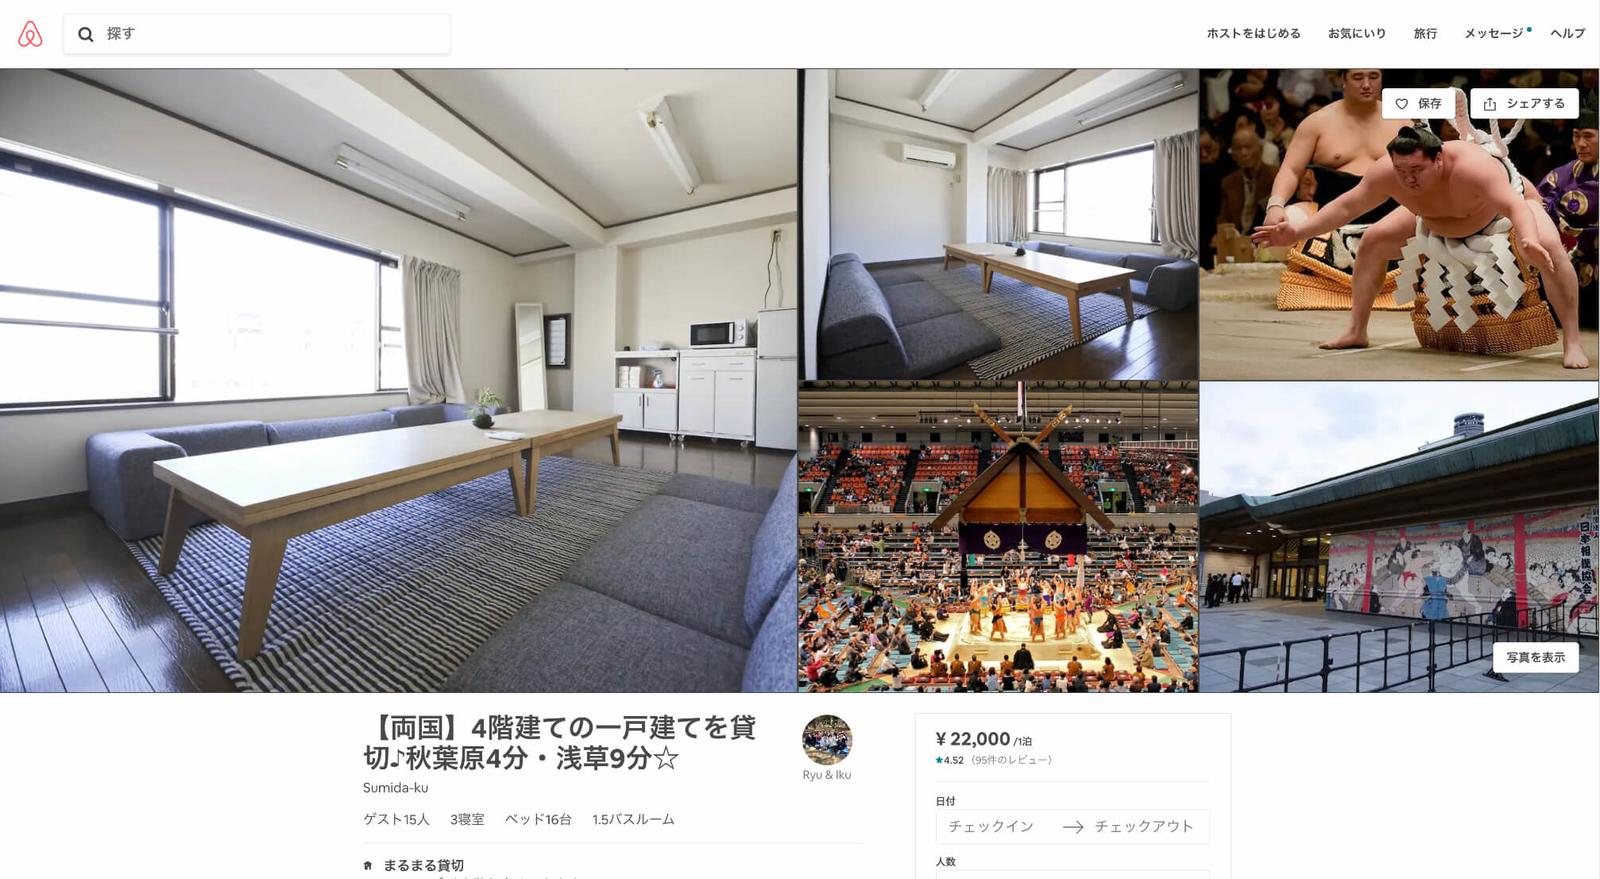 Airbnb両国の物件 - 非常に劣悪な環境なので利用しないようにしましょう。